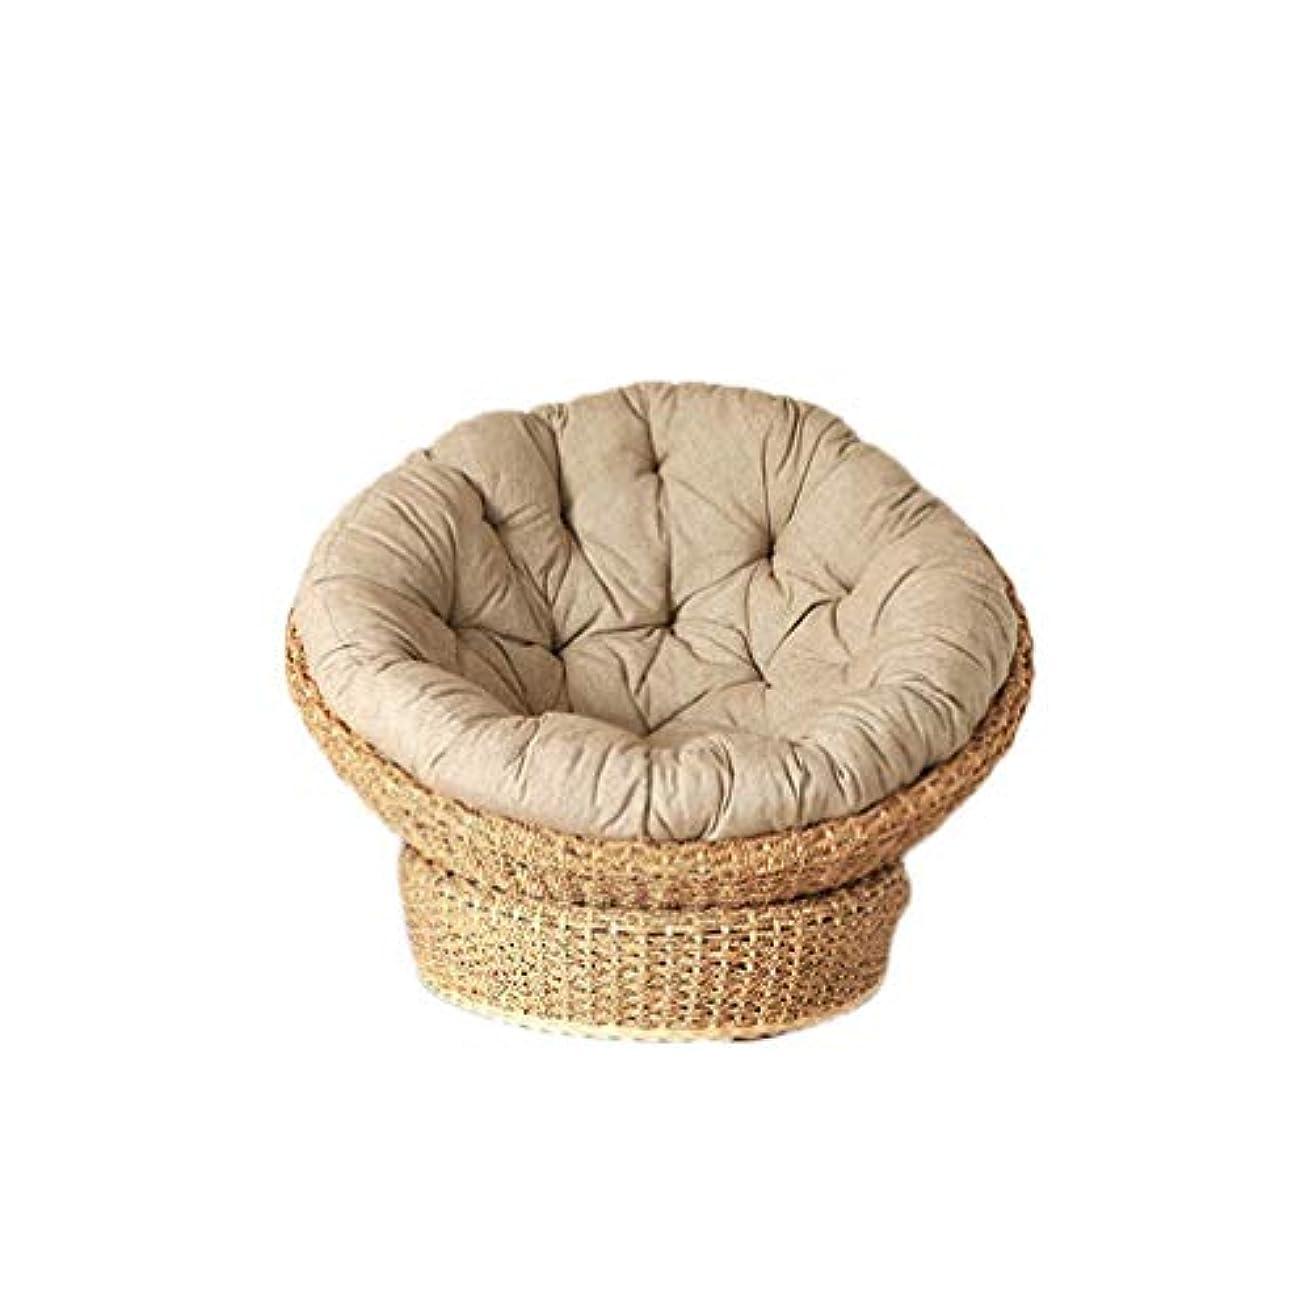 ペットベッド カドラー 猫 小型犬 子供用椅子 パパサンチェア ミニ 1人掛け ソファー ウォーターヒヤシンス 籐 ラタン ペット用品 キャット ドッグ キッズチェア ナチュラル アジアン おしゃれ